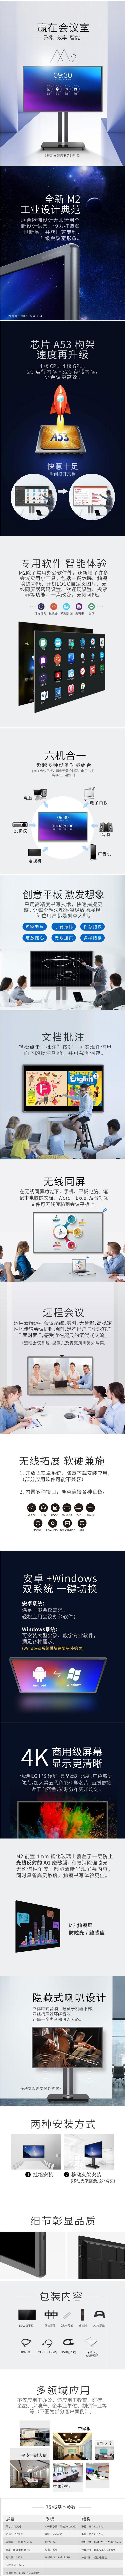 皓丽 75英寸 会议平板 智能电子白板 多媒体教学触屏触摸一体机 视频会议办公75M21